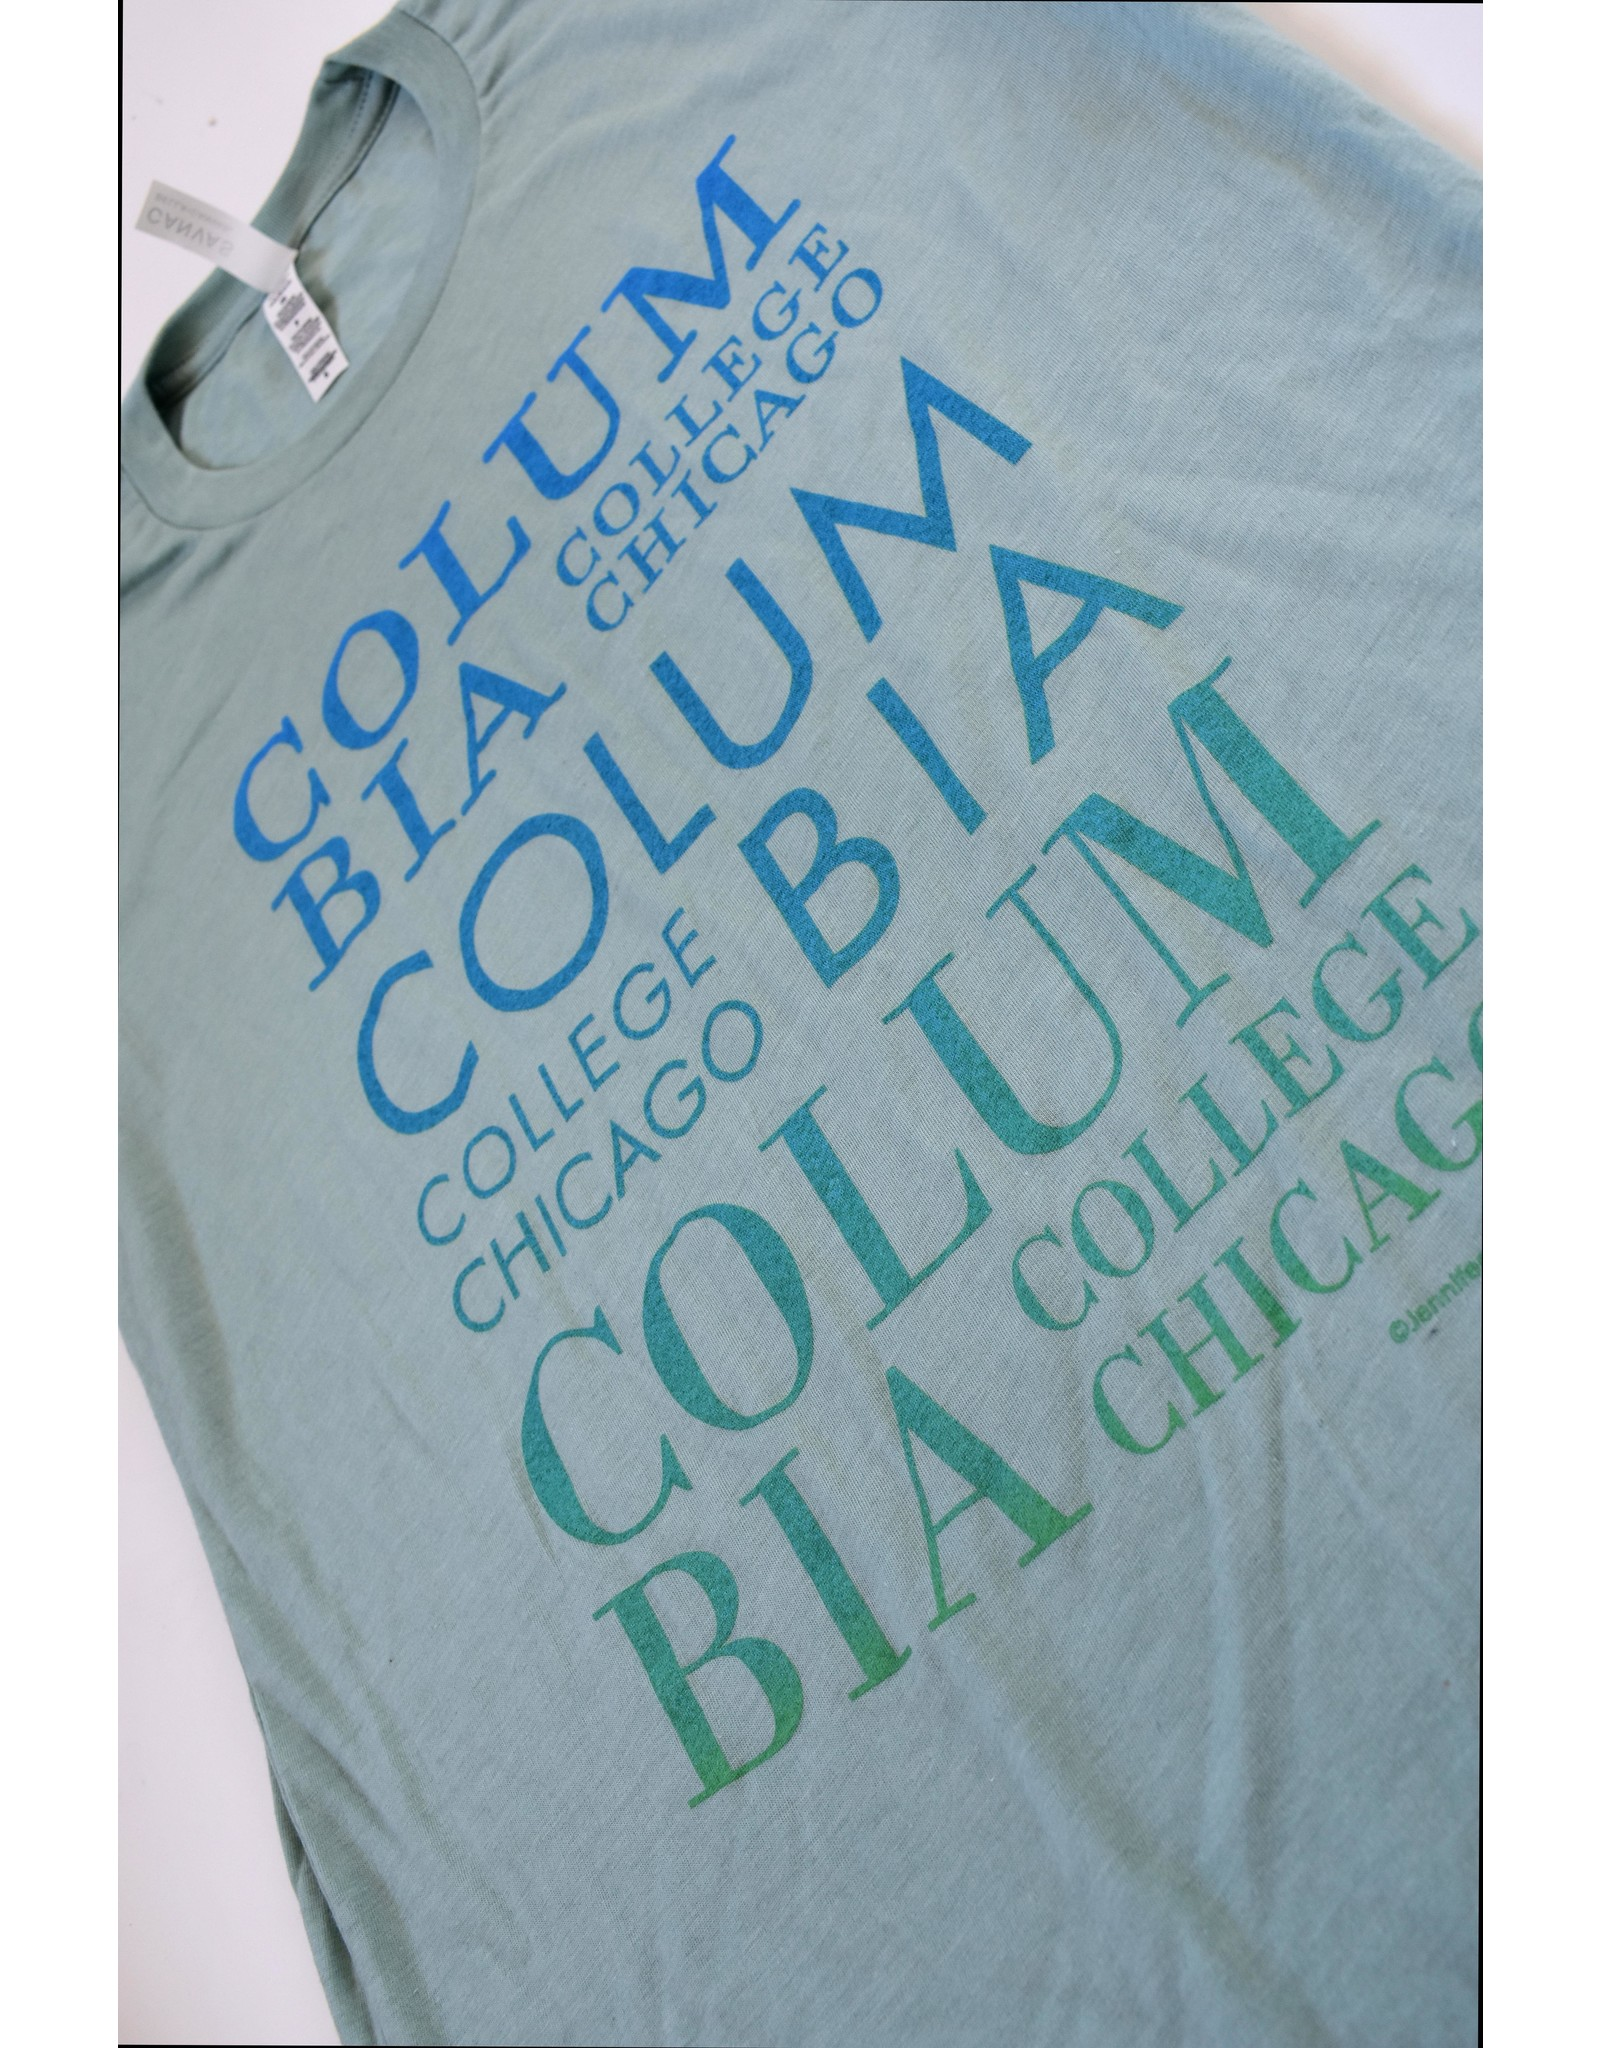 Buy Columbia, By Columbia 2020 Columbia tshirt